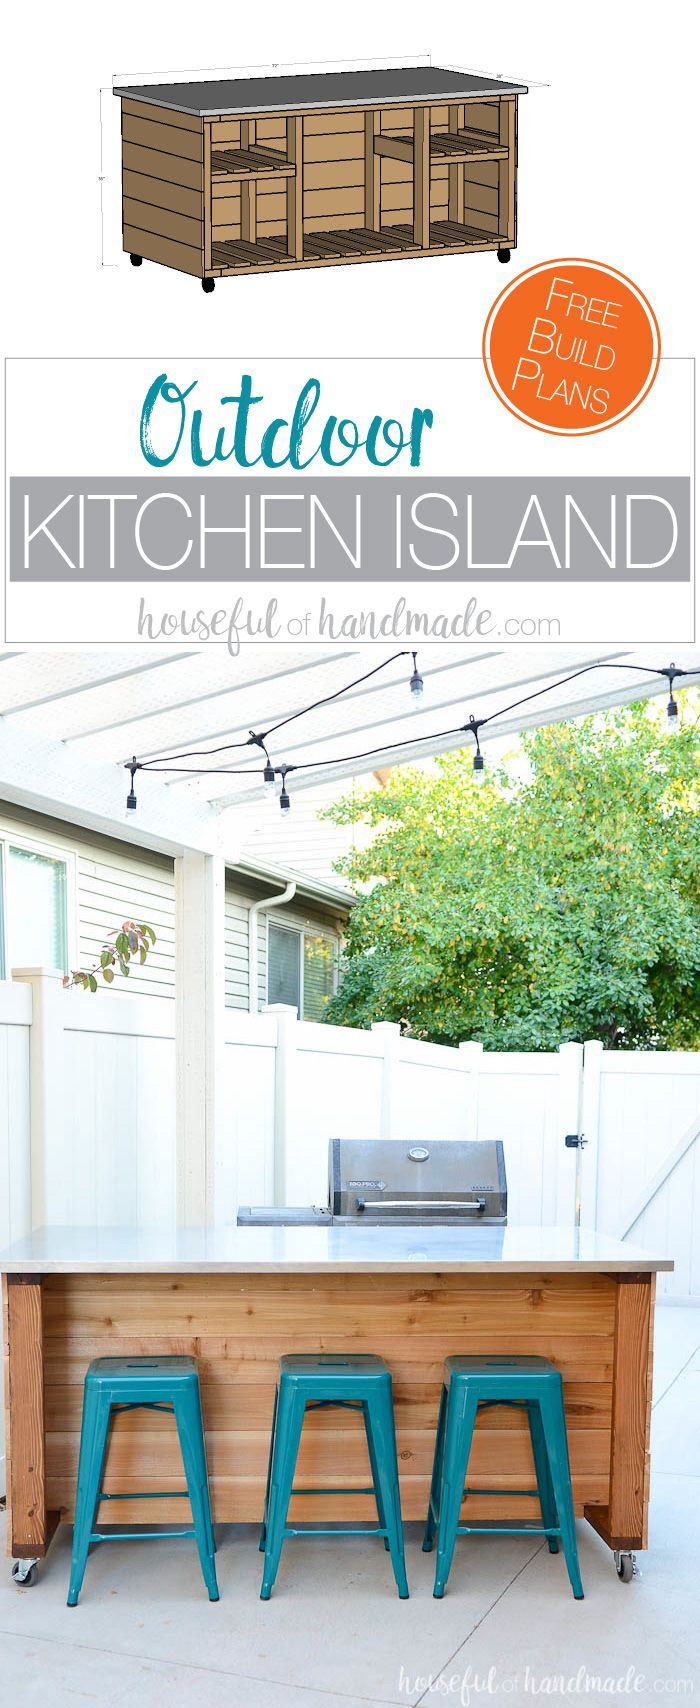 Outdoor Kitchen Island Build Plans